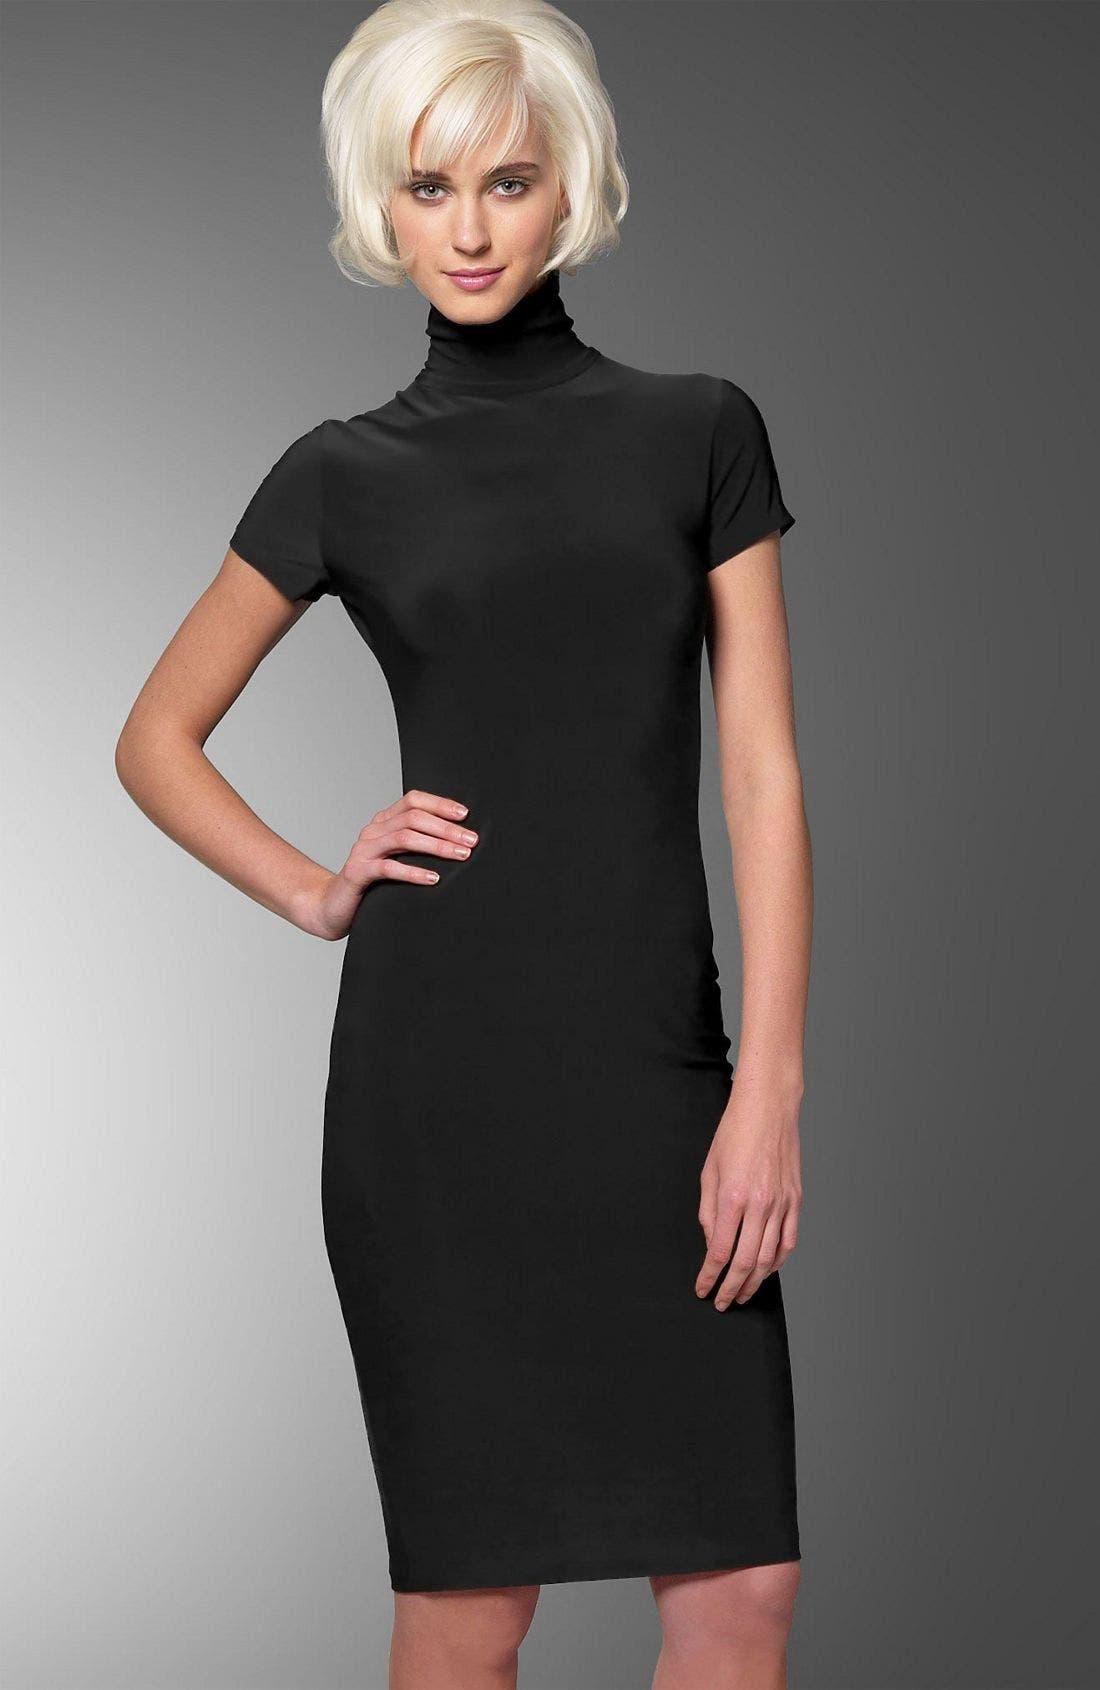 Short Sleeve Turtleneck Dress, Main, color, BLK